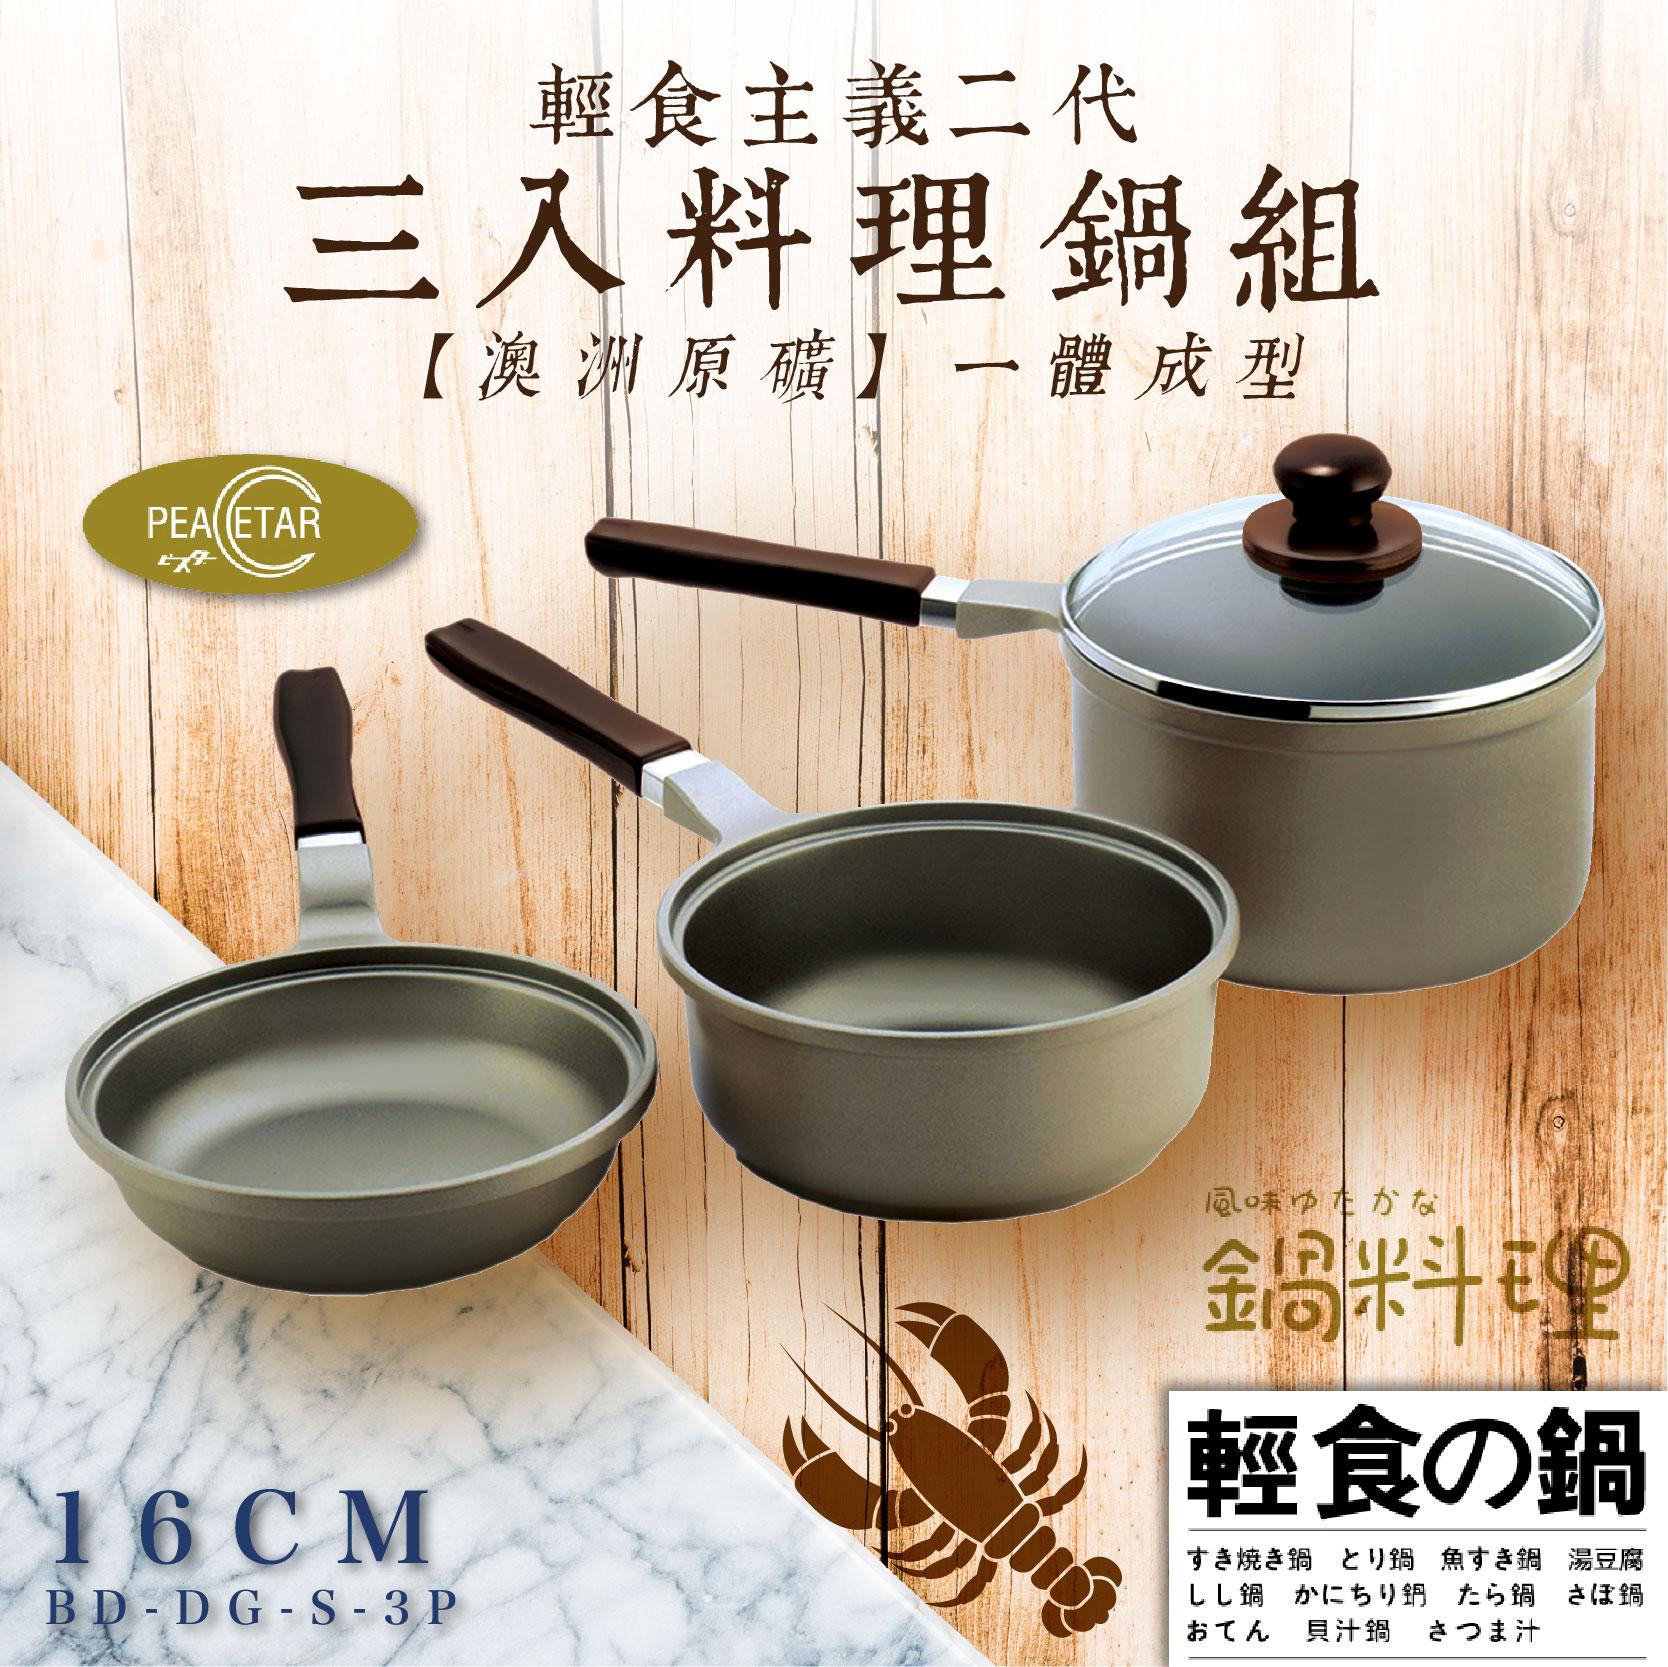 🍳三入調理鍋組16cm BD-DG-S-3P 輕食主義 耐磨澳洲原礦一體成形 日本專家設計鍋具 廚具鍋子 日系必士達